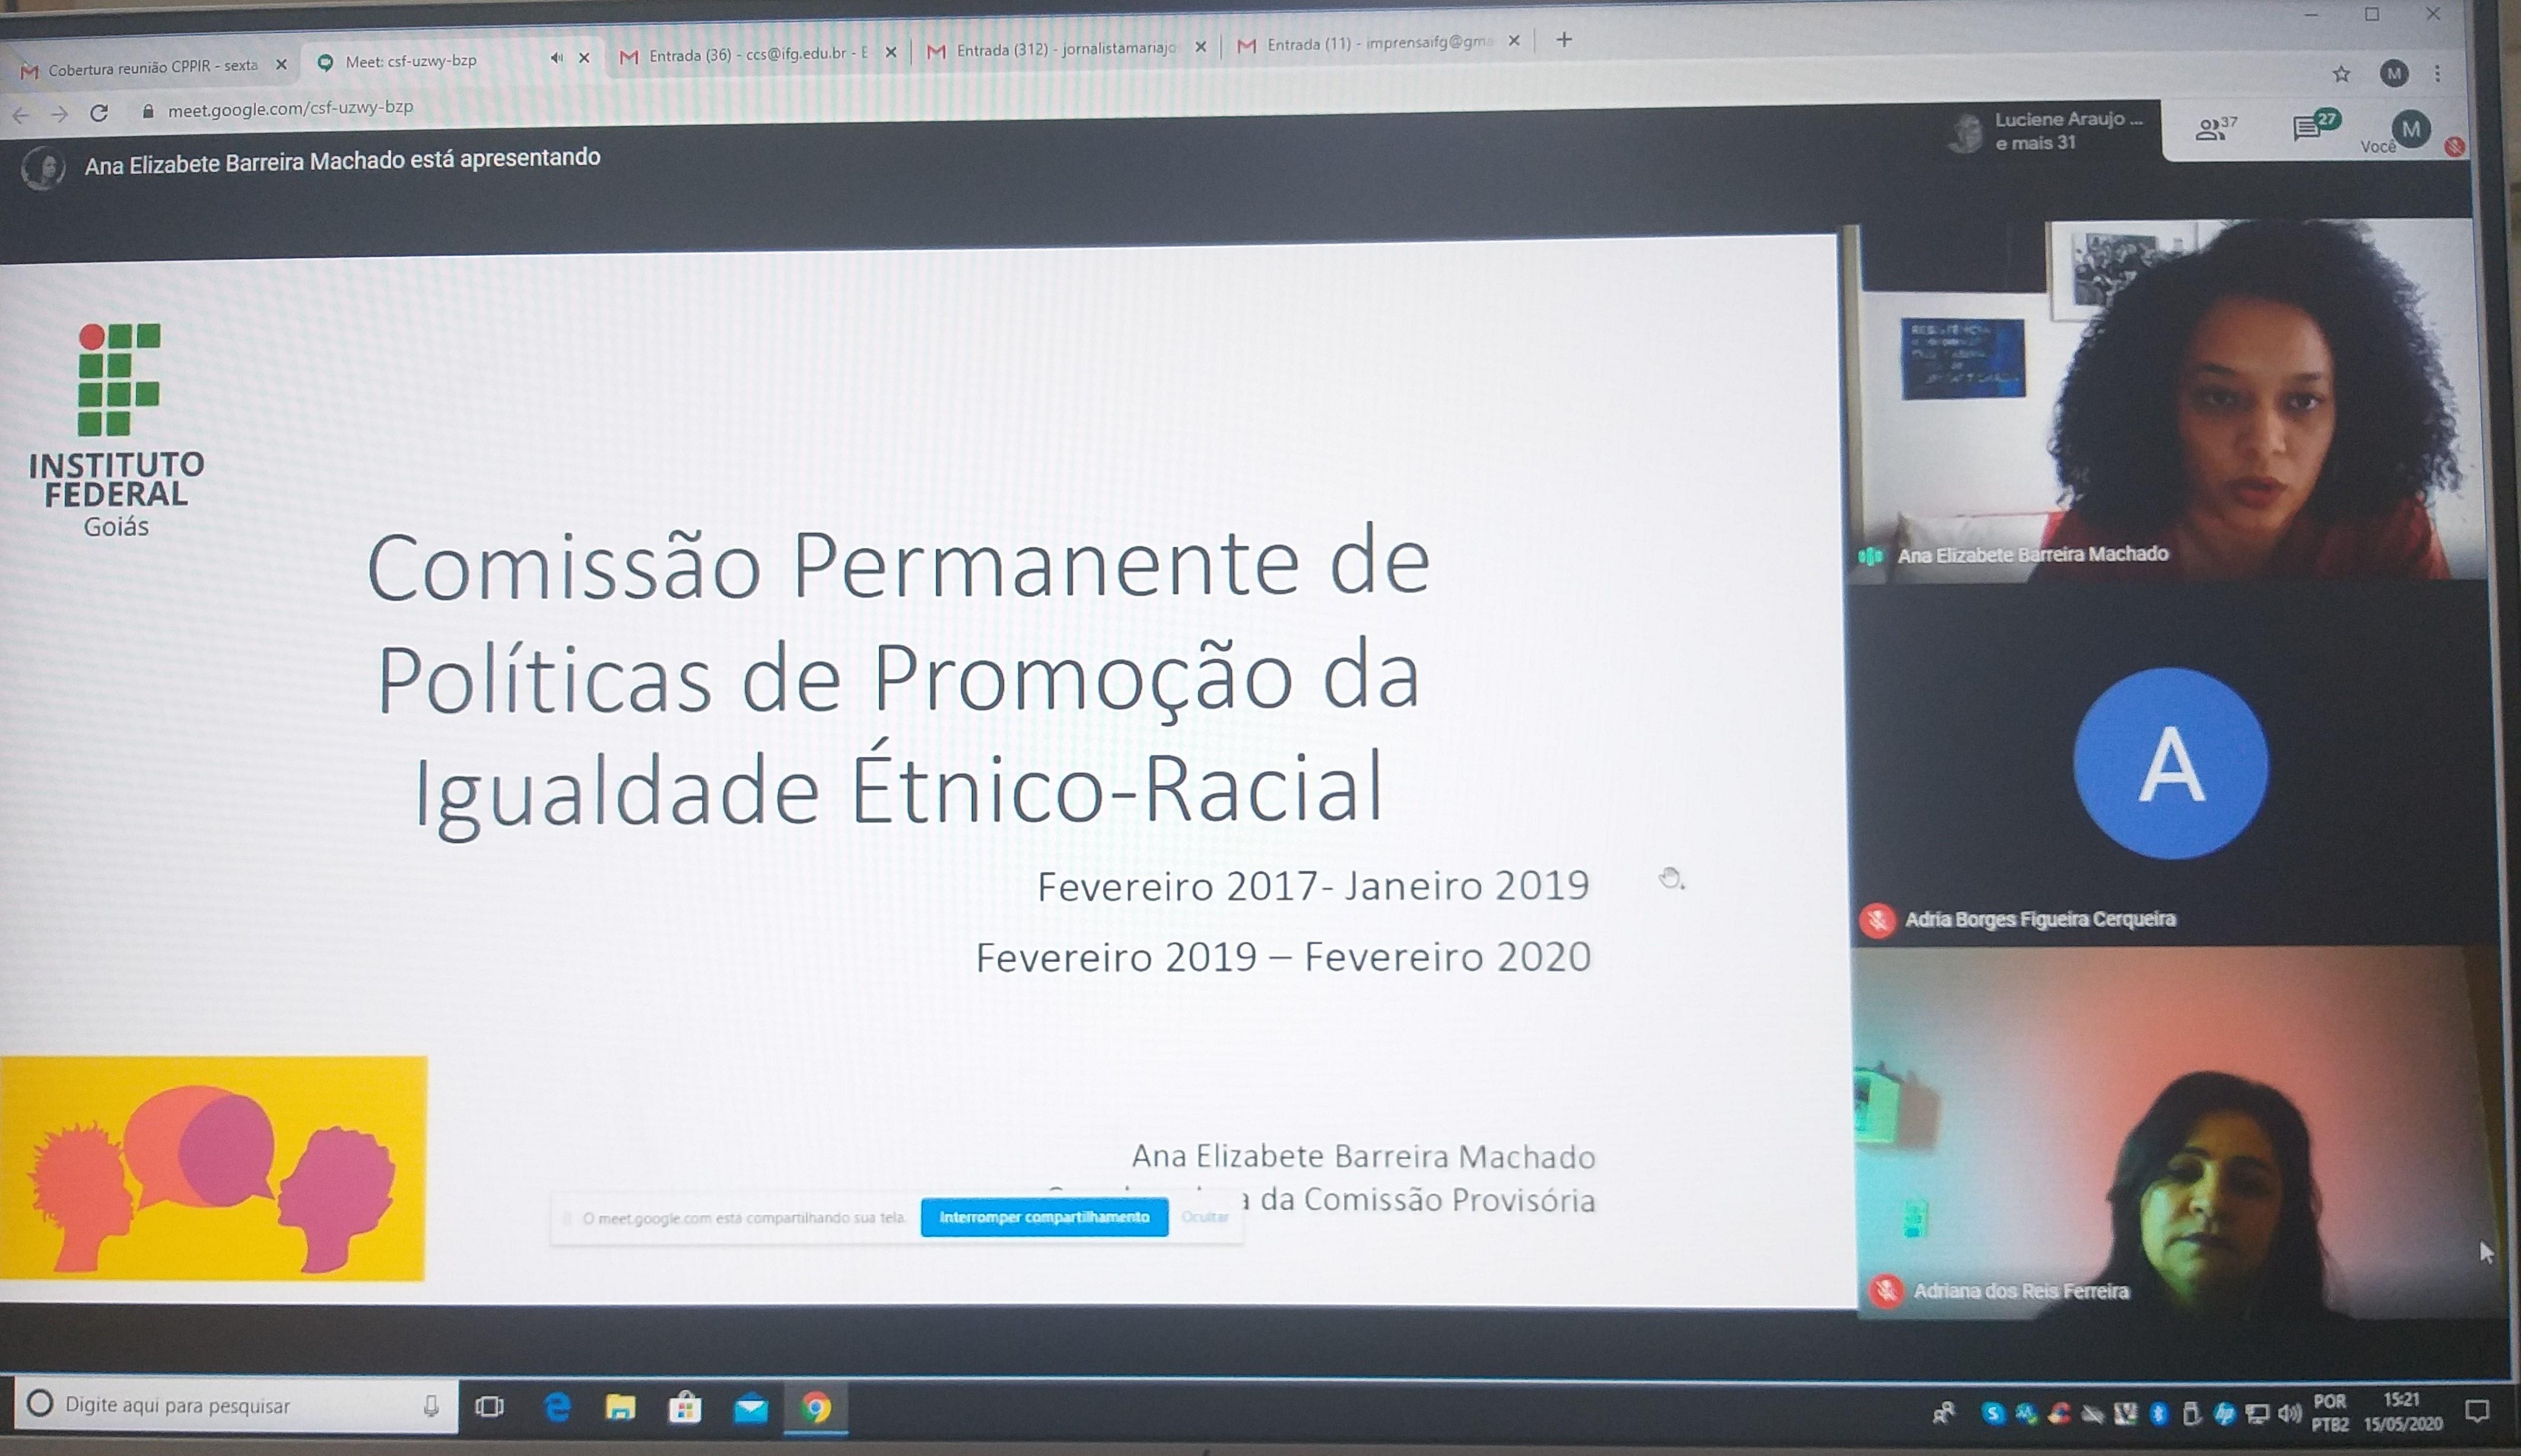 A reunião virtual da CPPIR foi conduzida pela diretora-executiva, professora Adriana dos Reis Ferreira